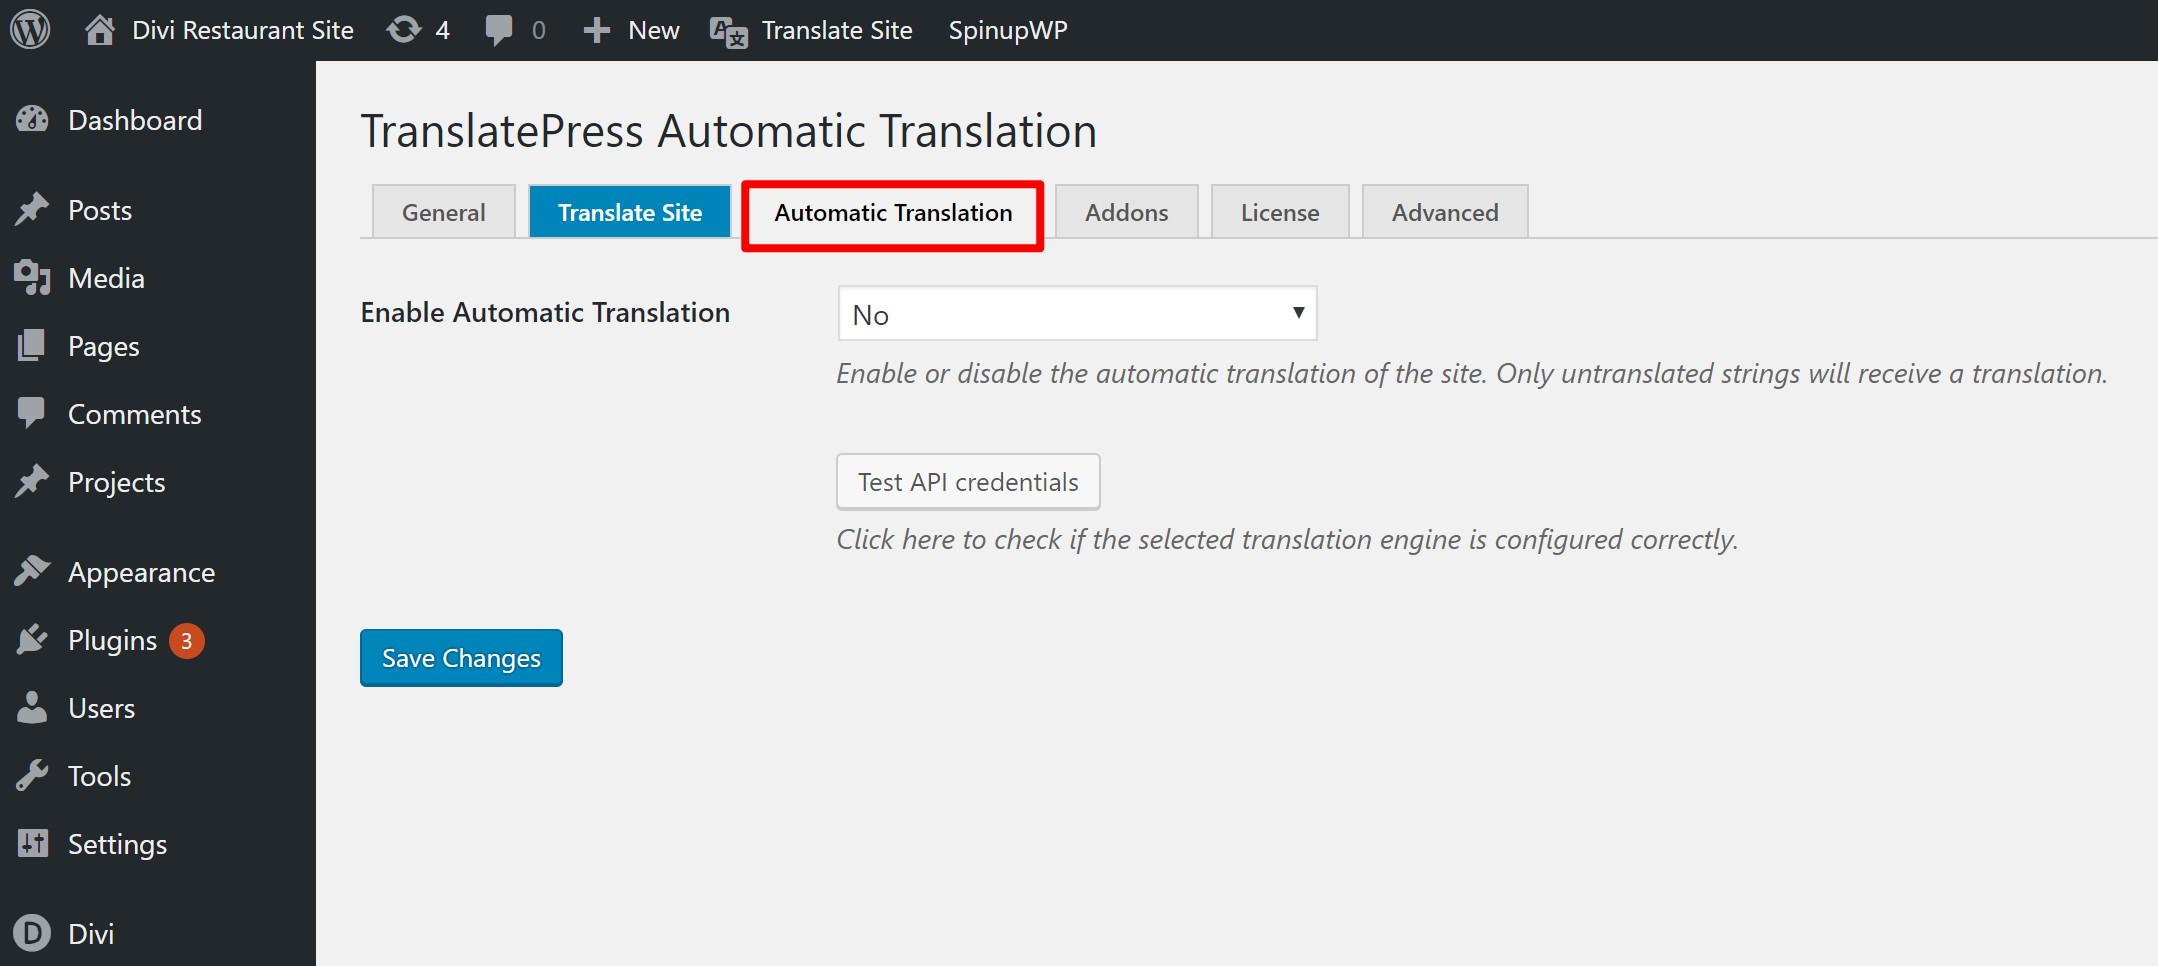 Fonction de traduction automatique dans TranslatePress